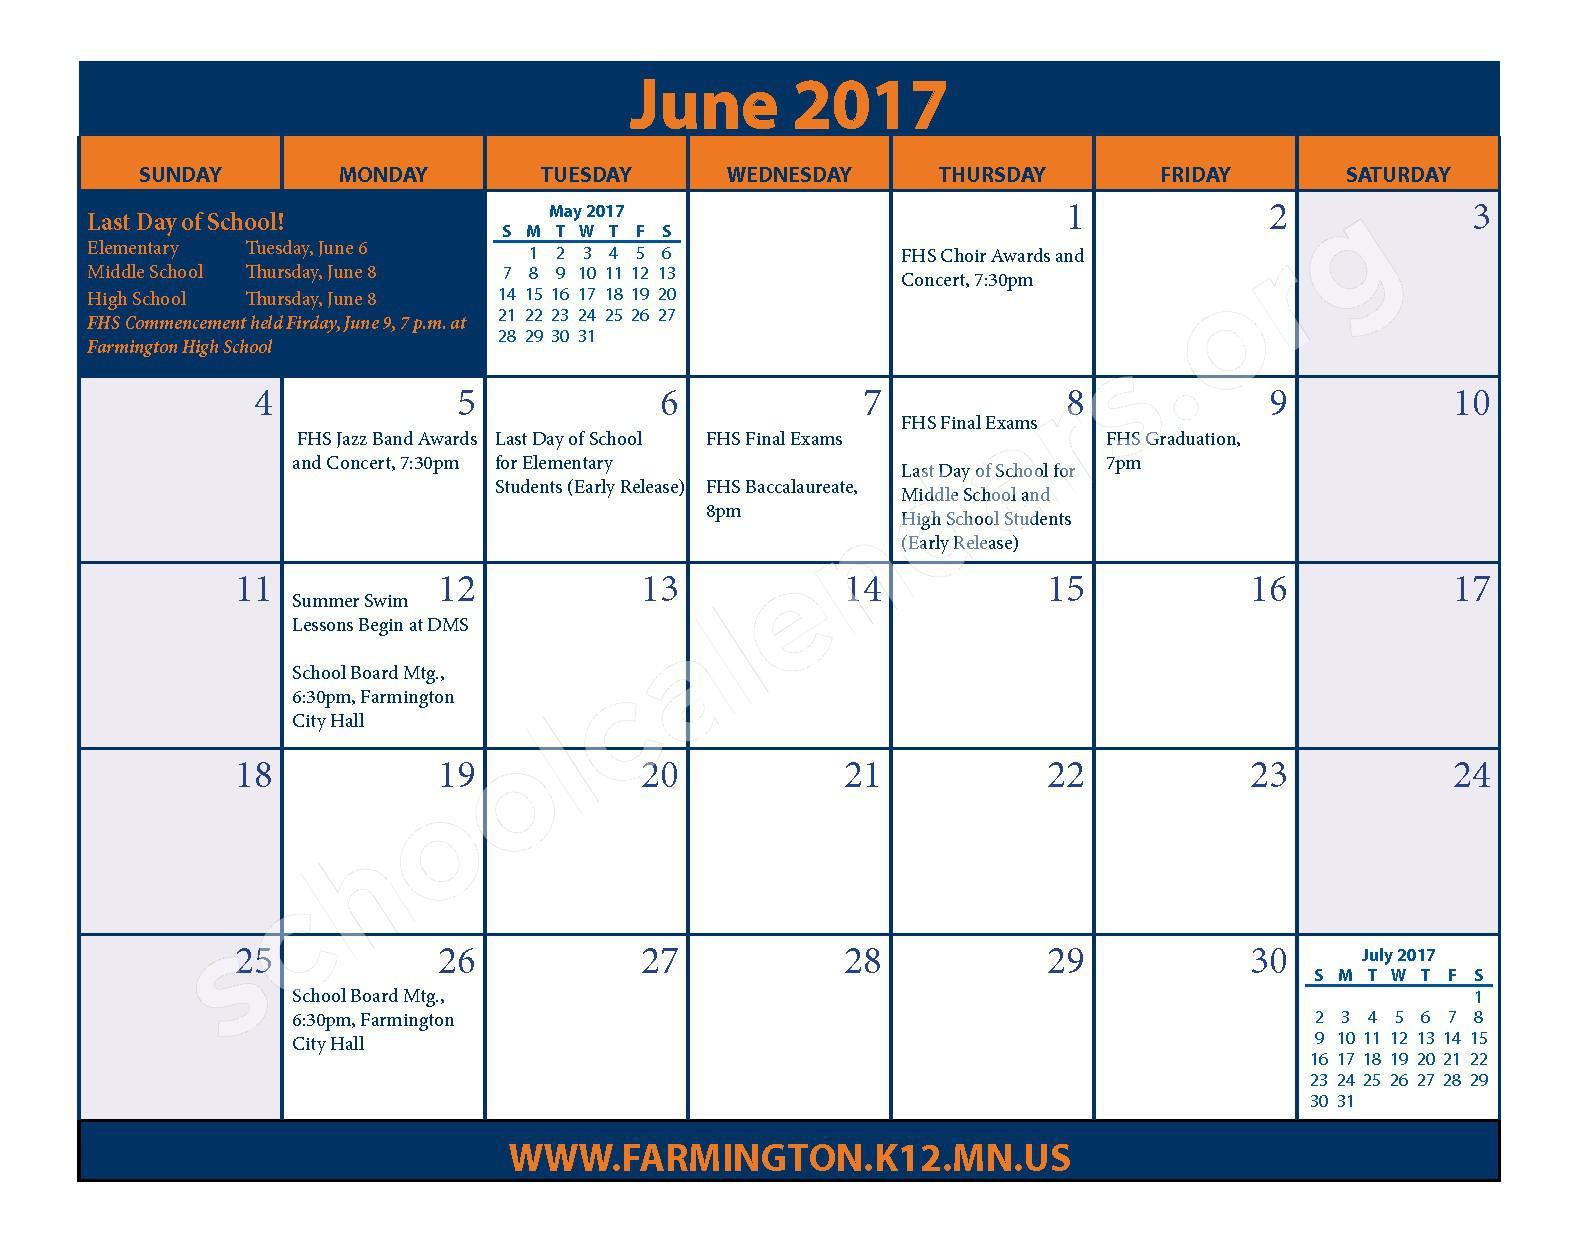 2016 - 2017 District Calendar & Handbook – Farmington Public School District – page 25